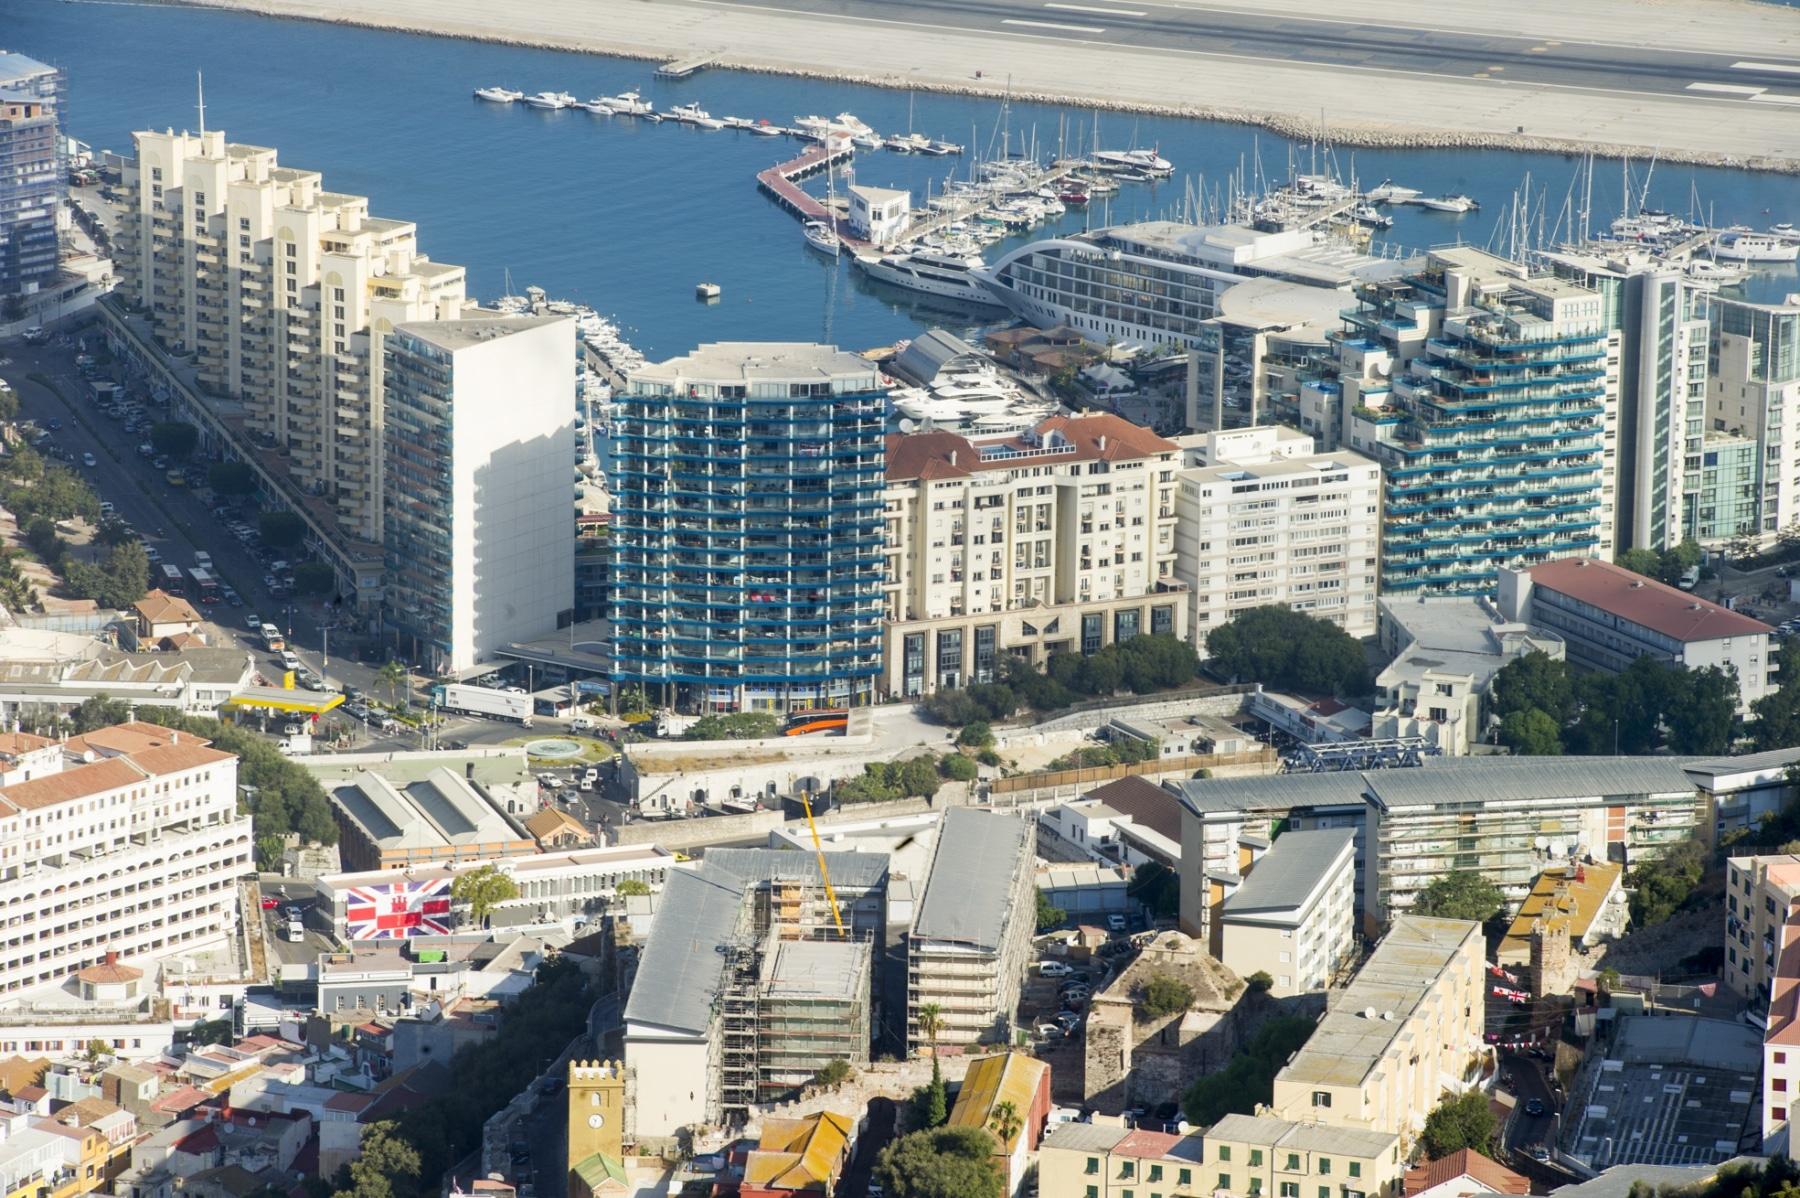 el-moderno-desarrollo-urbanstico-de-ocean-village-con-el-hotel-flotante-sunborn_22726829852_o